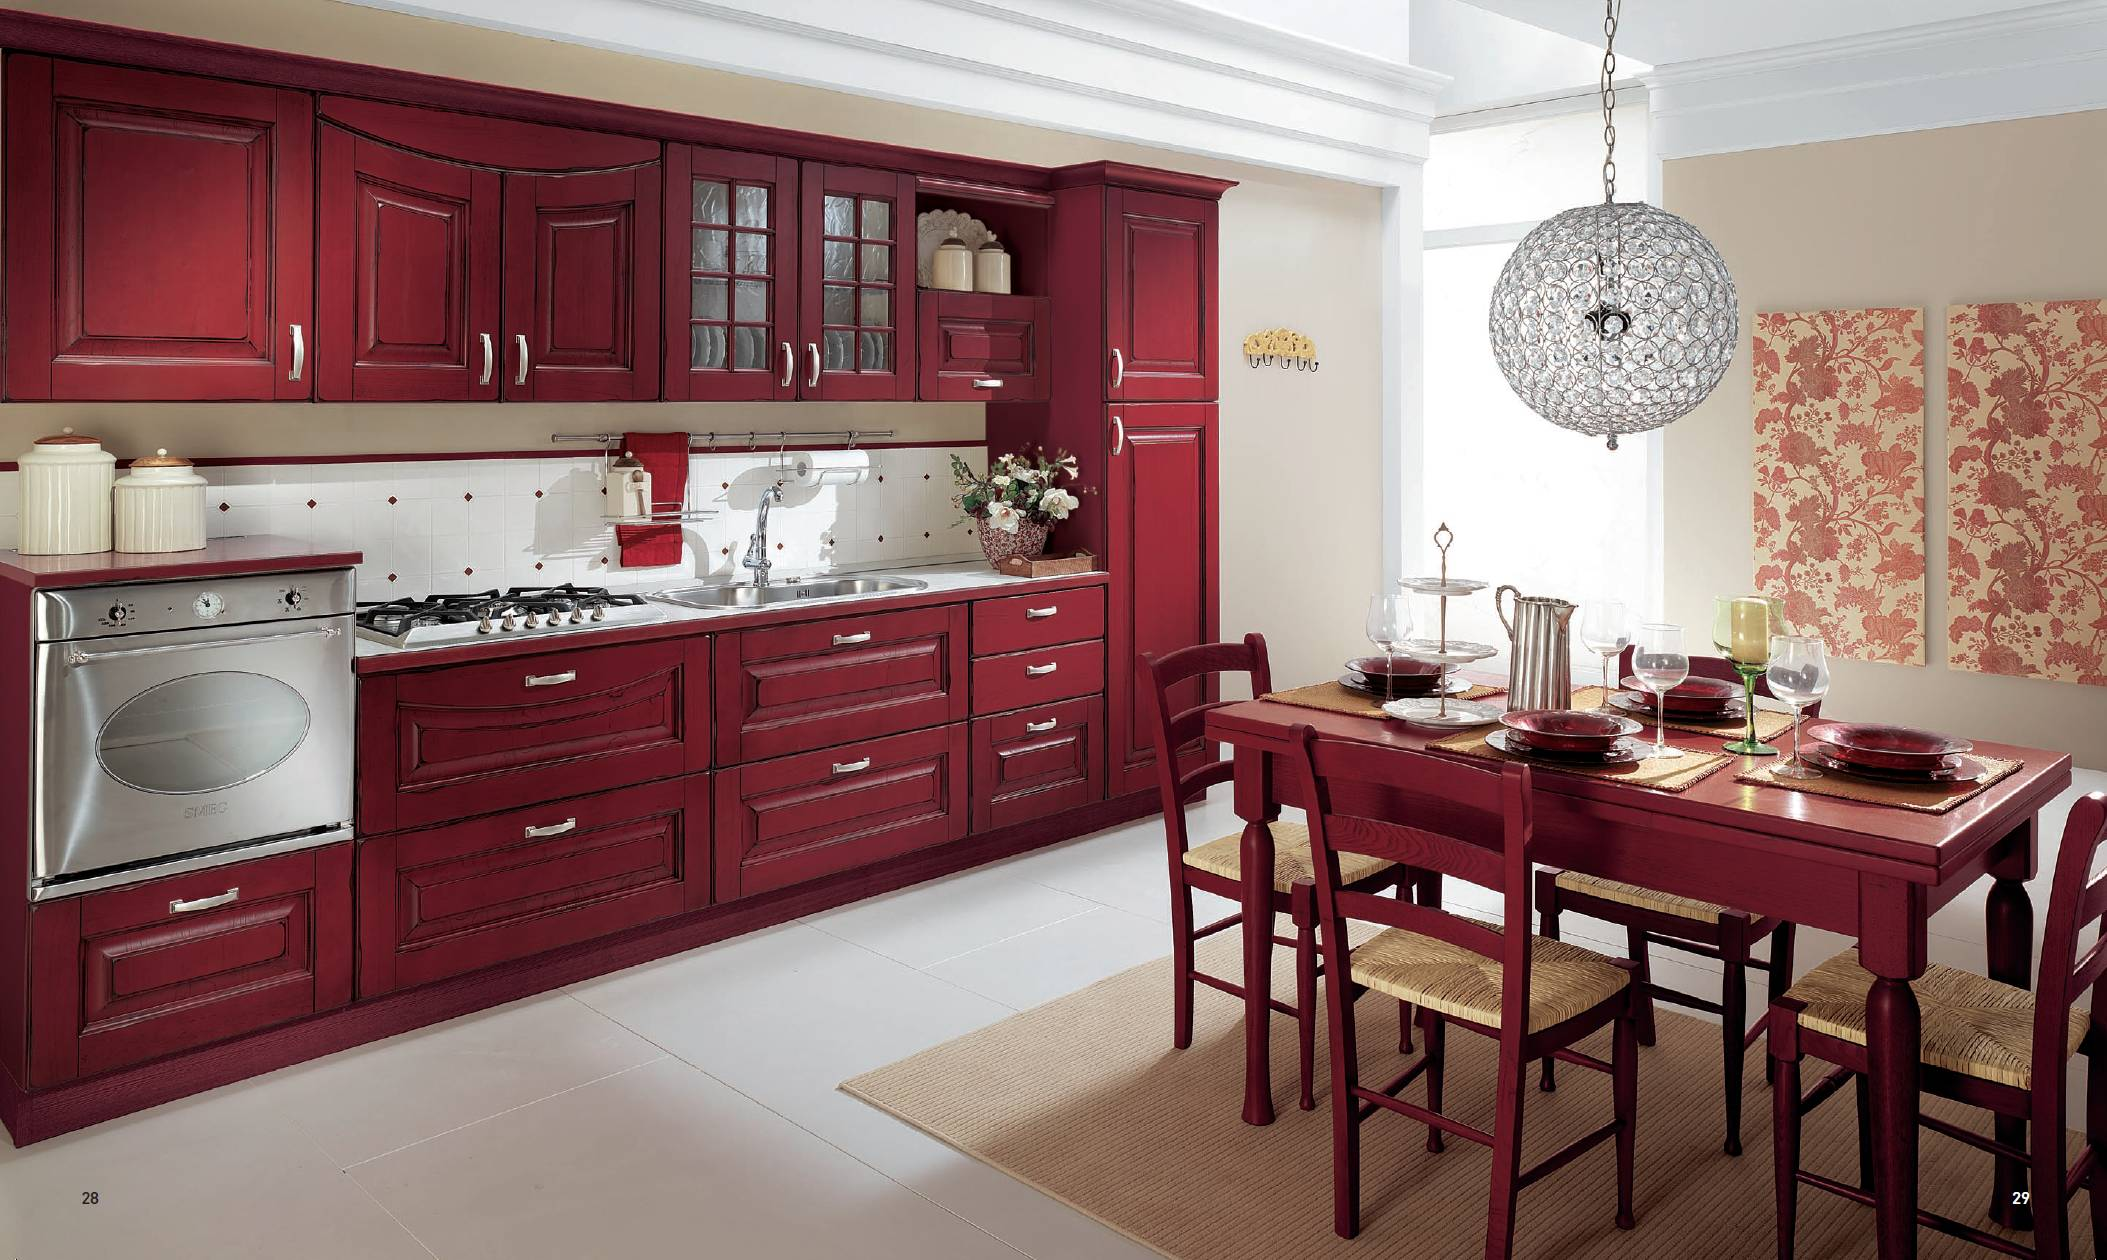 Cucine Classiche #9D2E39 2107 1260 Arredamenti Di Cucine Classiche